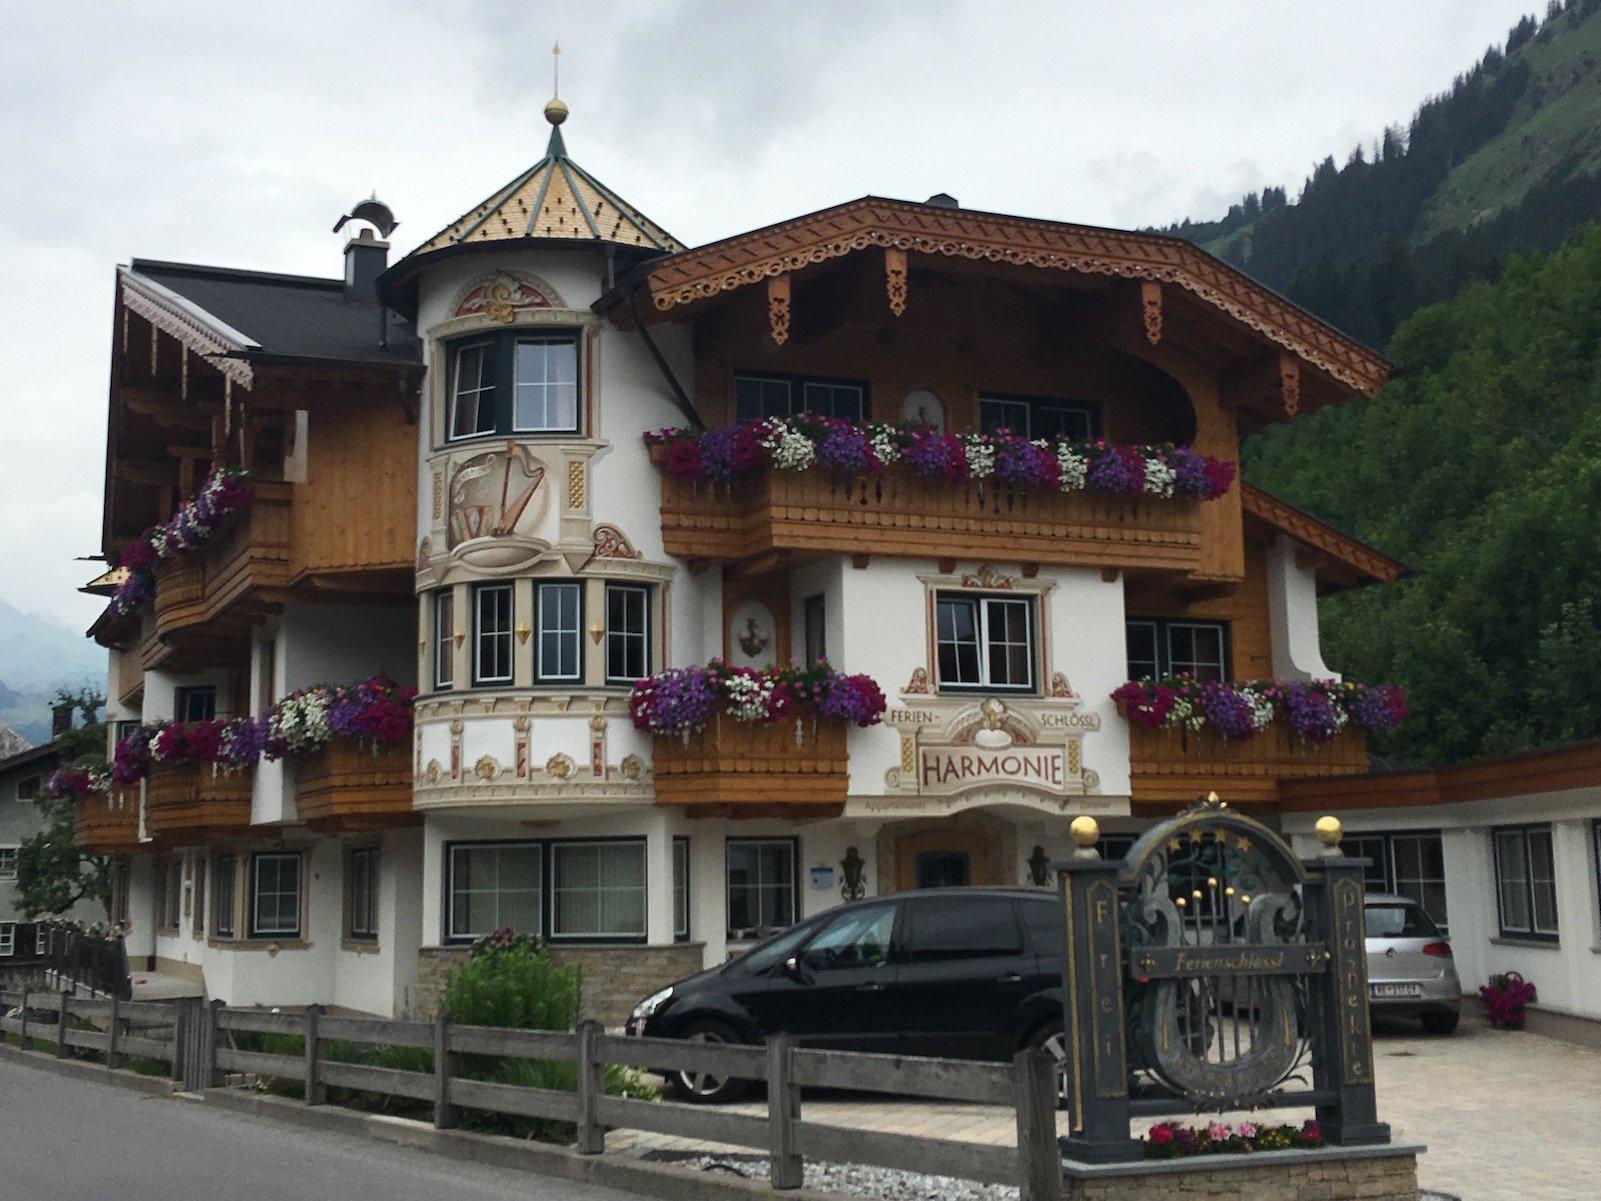 Ferienschlössl Harmonie, meine Unterkunft nach dieser Etappe in Holzgau